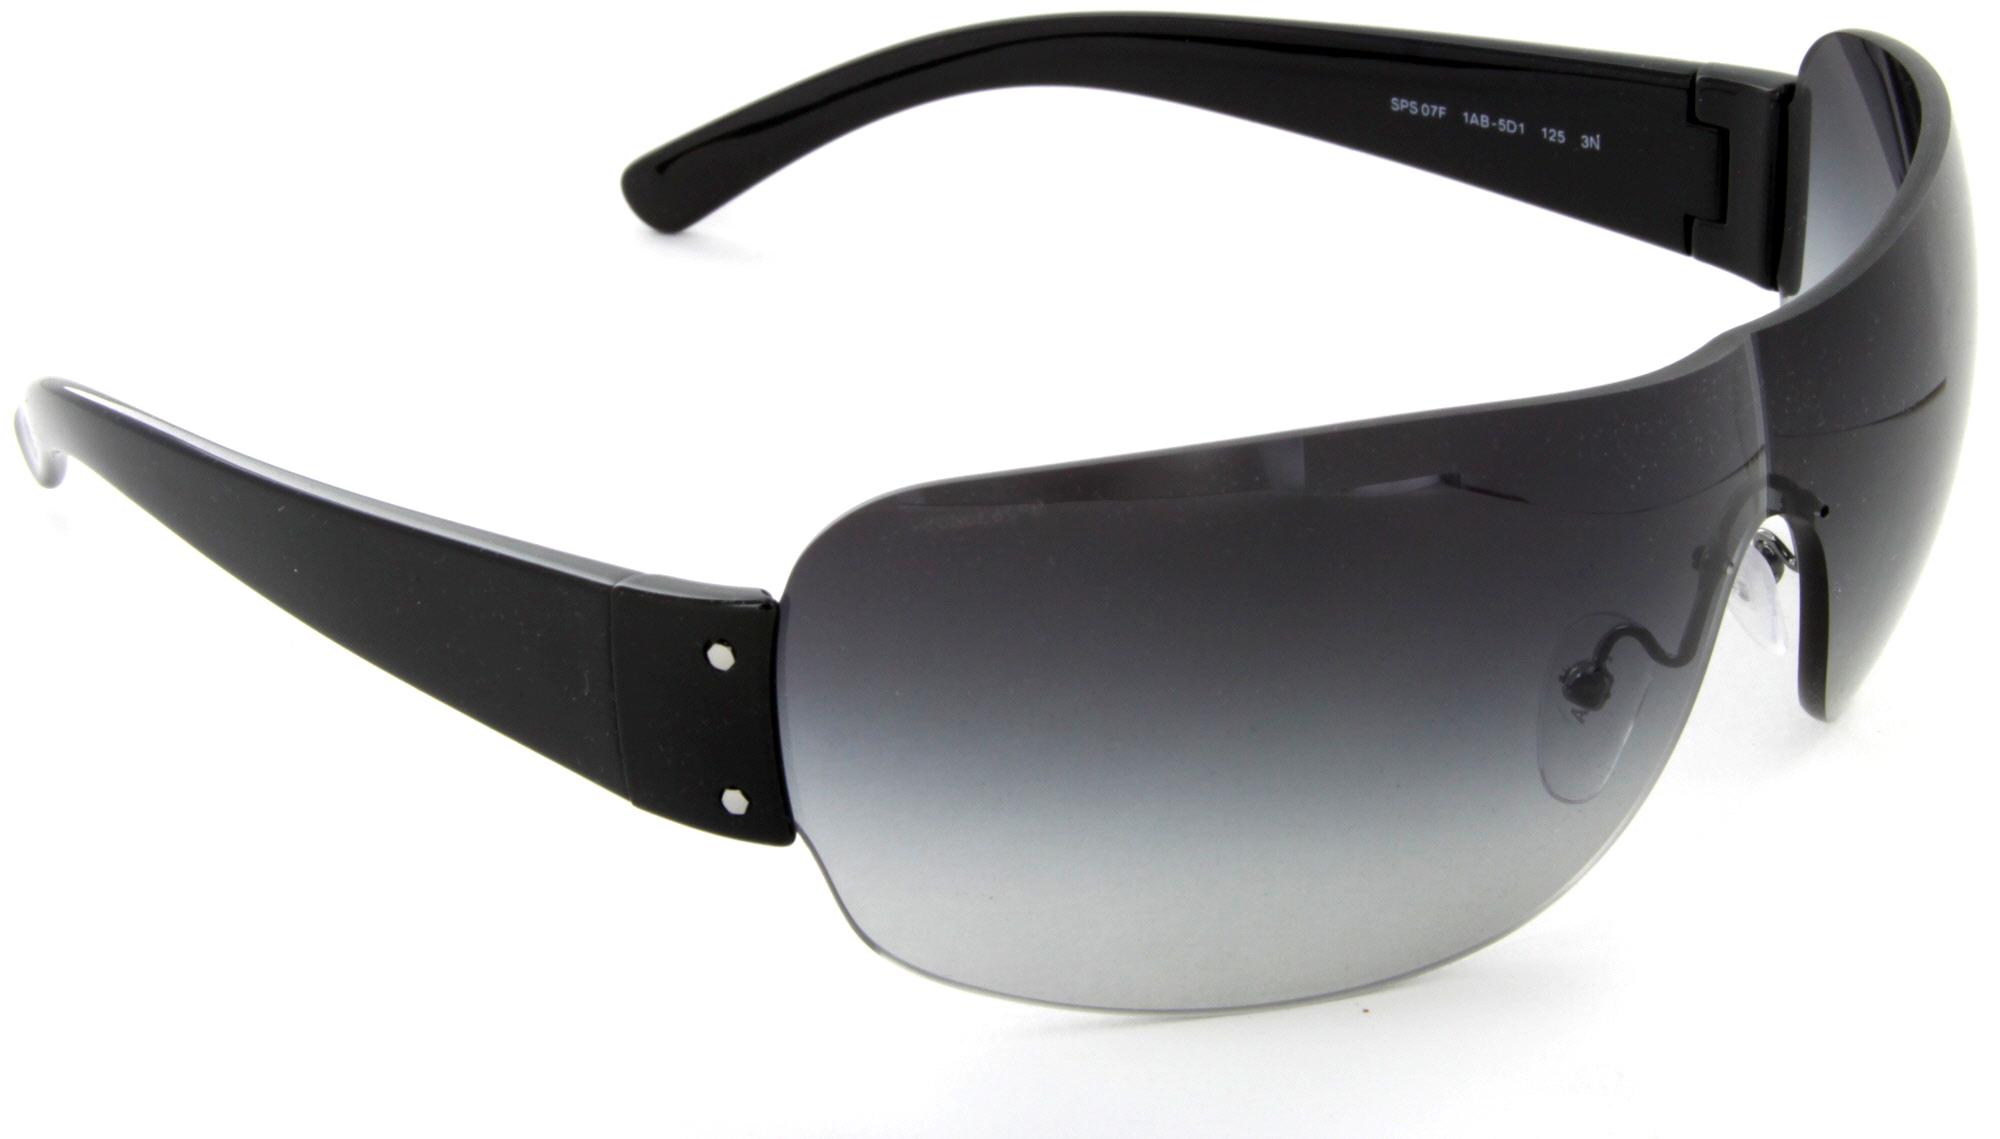 b647d436edf43 ... where can i buy prada linea rossa sps 07fs 1ab 5d1 shield sunglasses  black grey lens